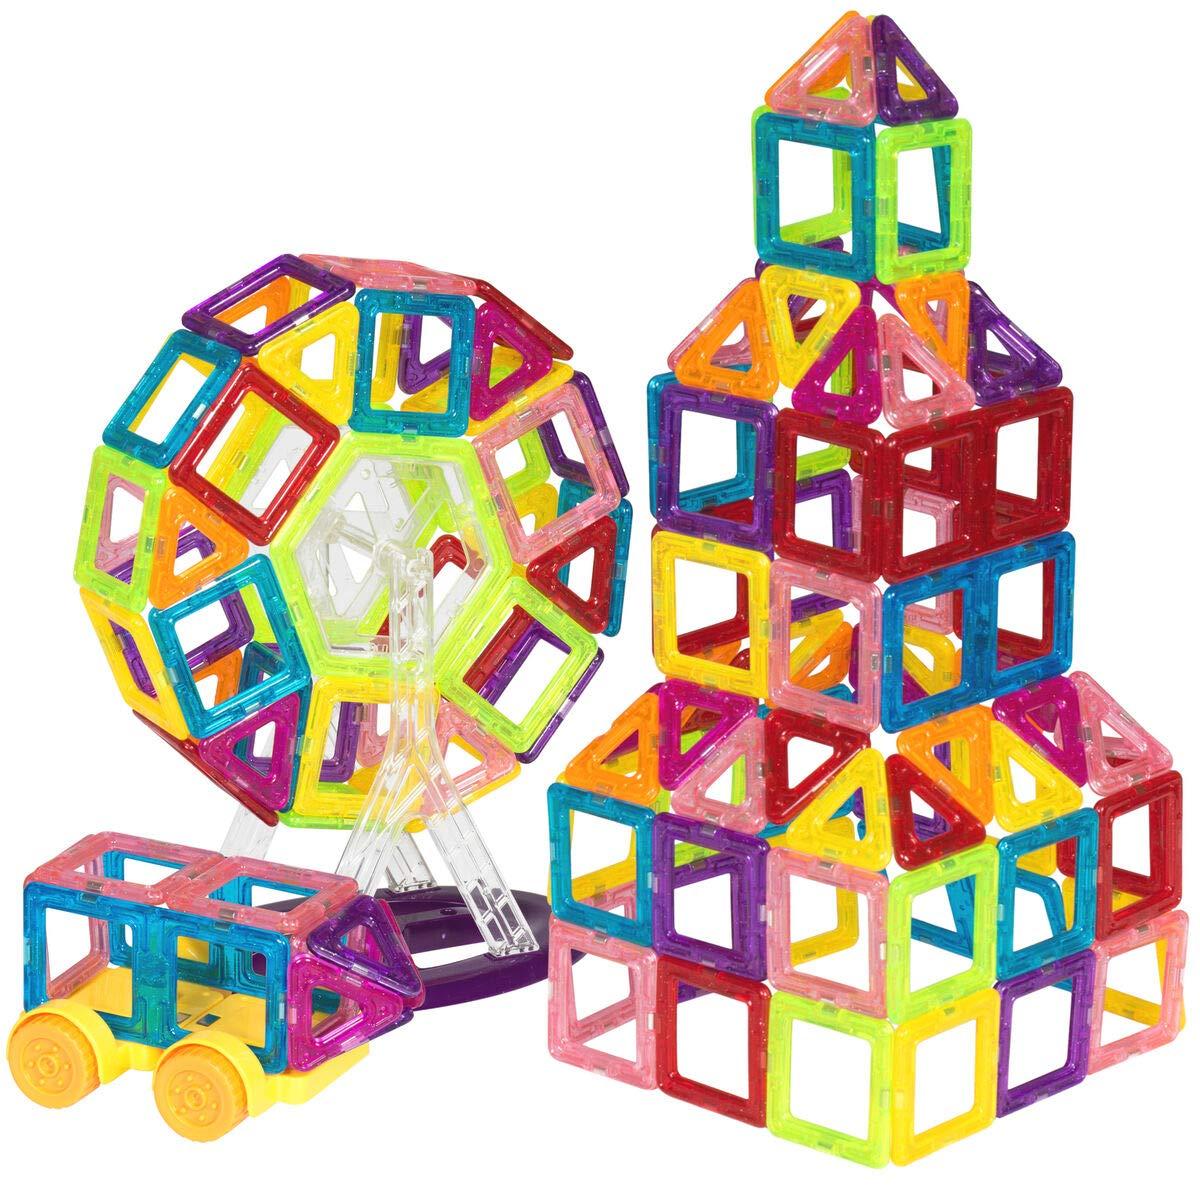 158-Piece Kids Clear Magnetic Building Block Tiles Toy Set - Multicolor, Best Children's Toys 2019